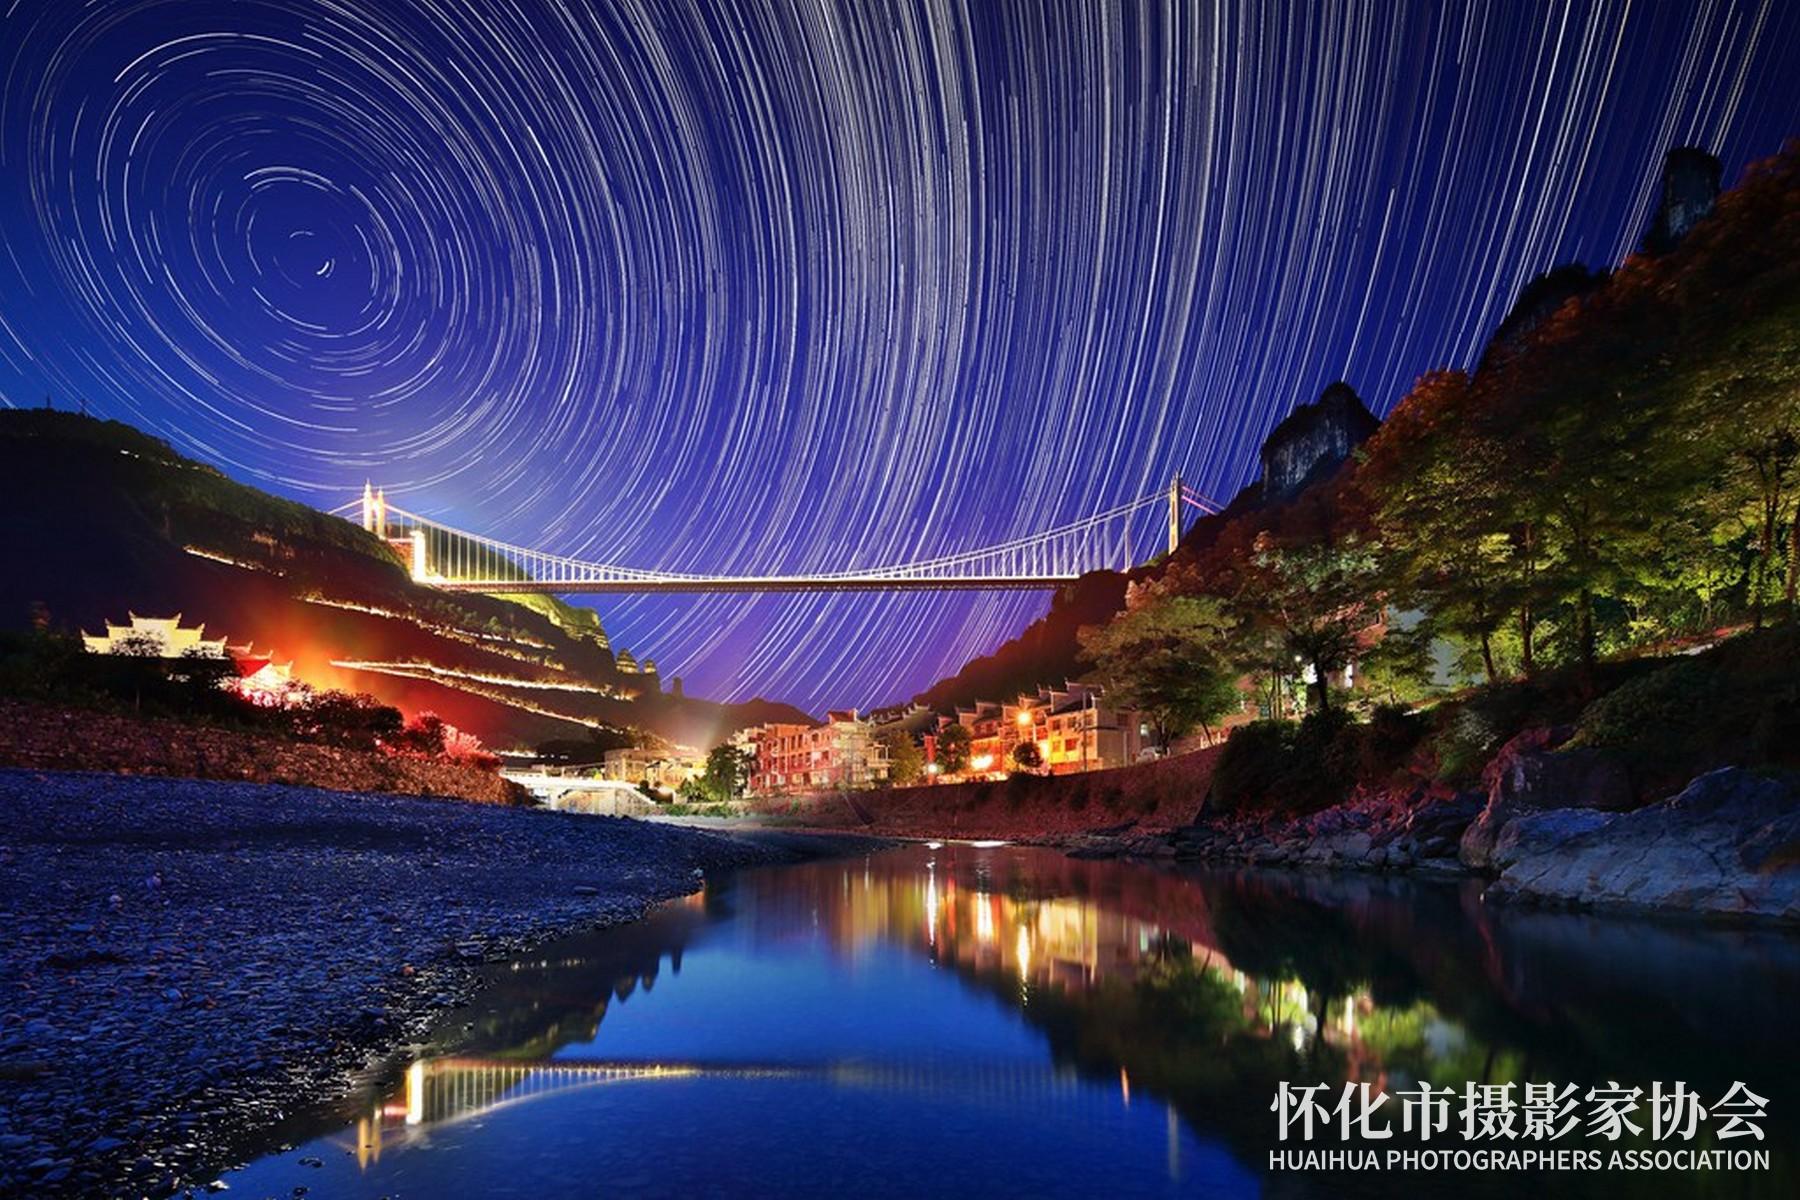 《一桥飞架南北——湘西矮寨大桥星轨》杨志东